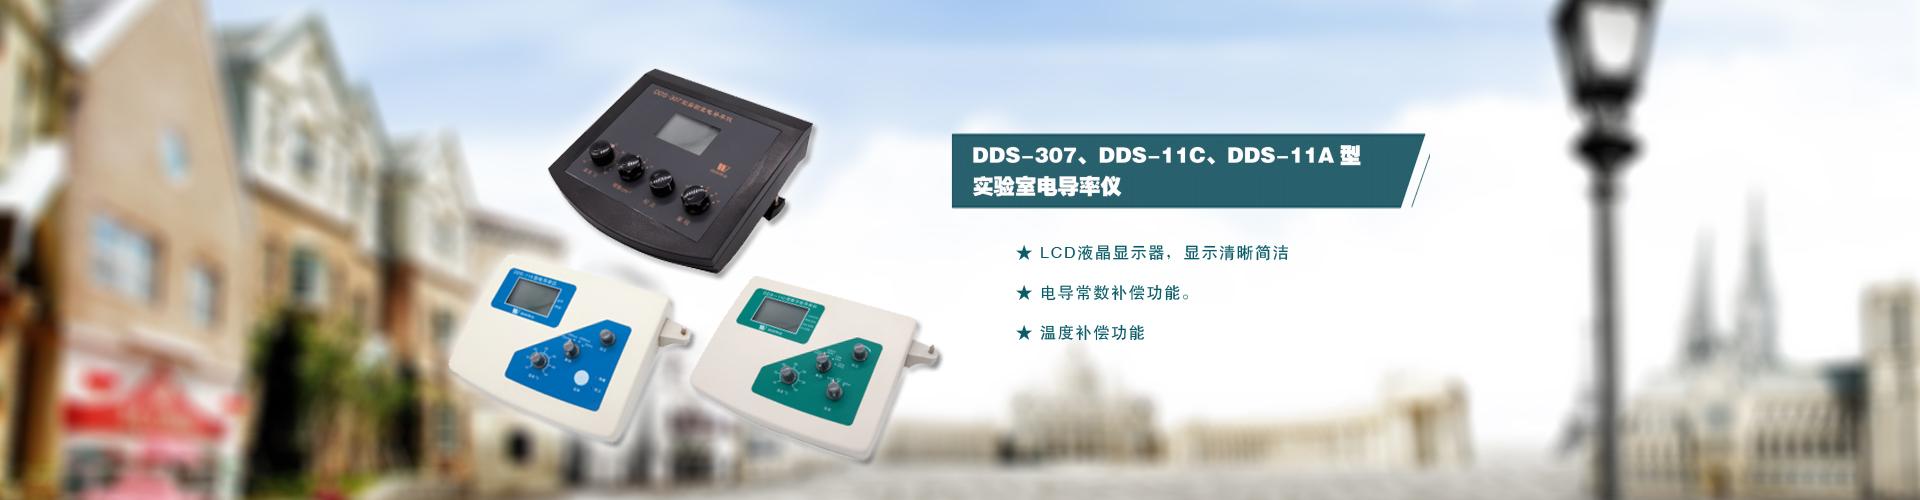 上海品技科学仪器有限公司